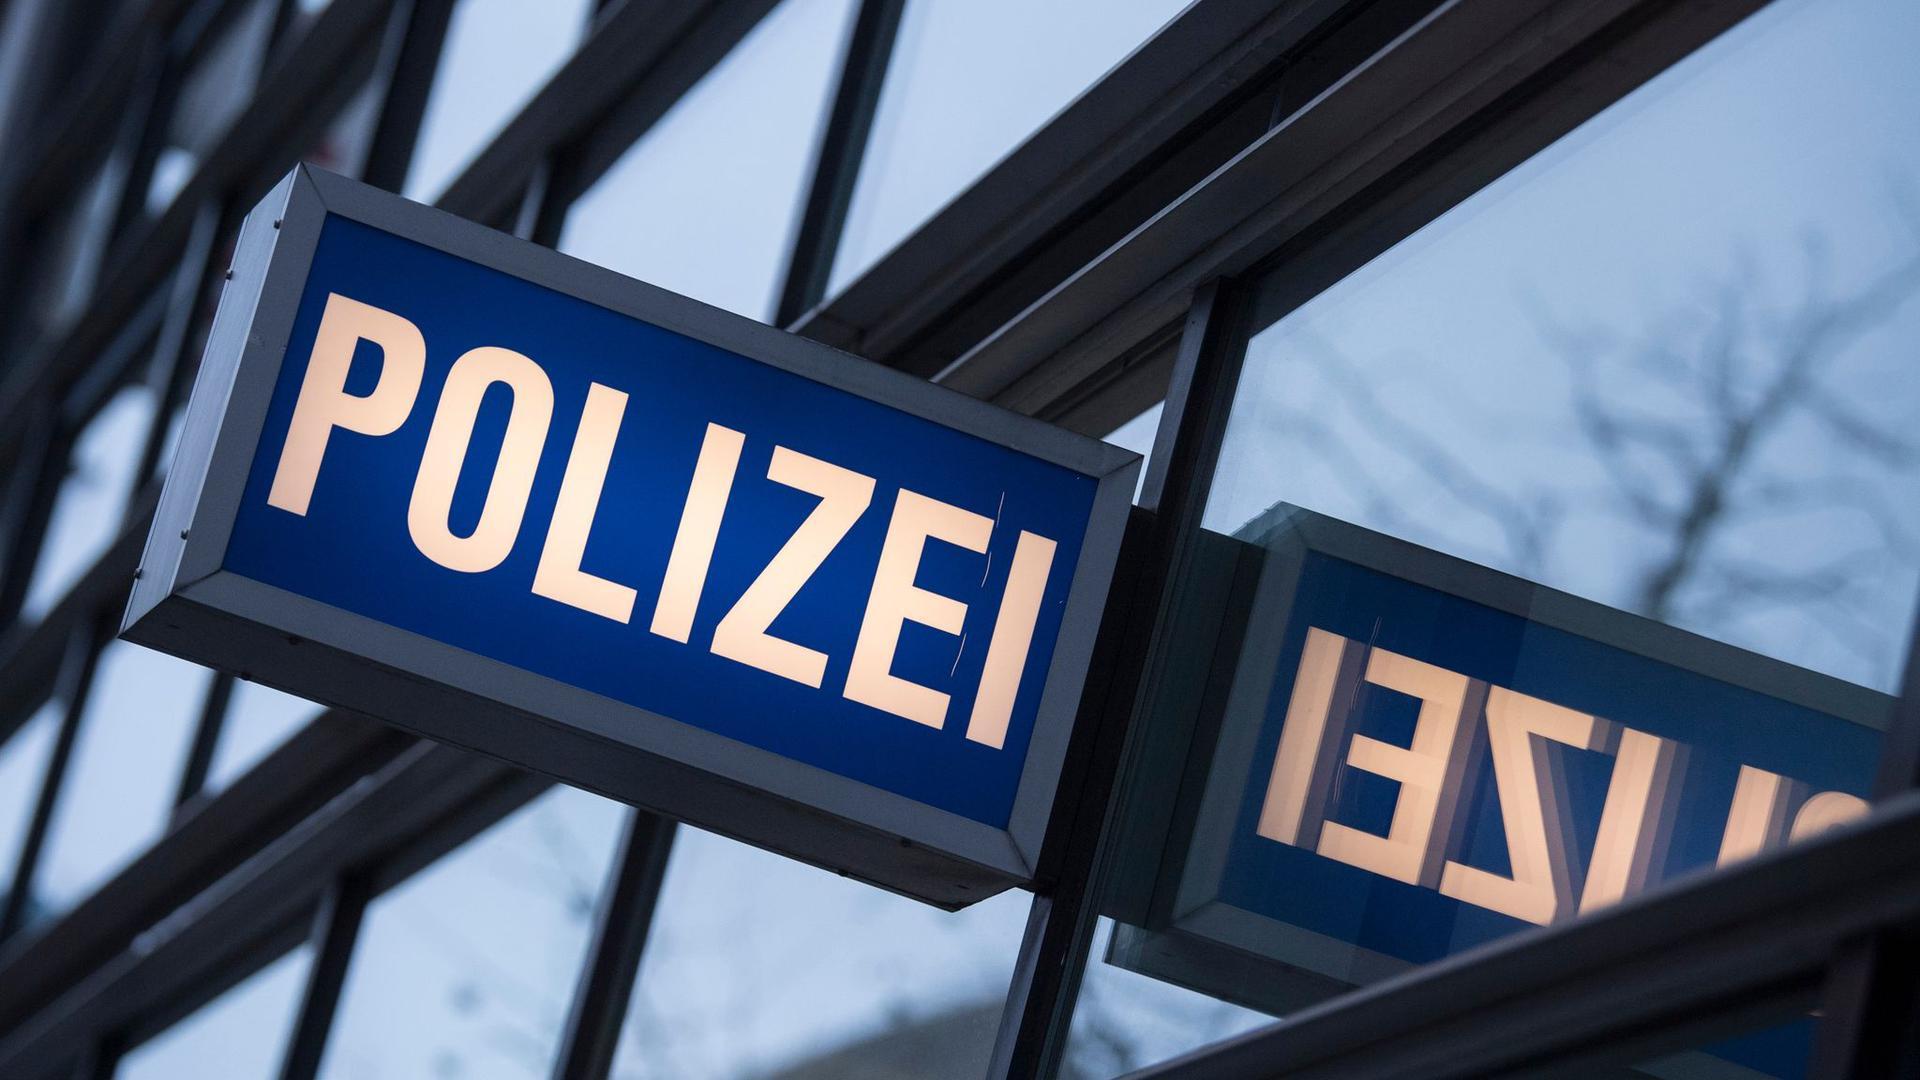 """Der Schriftzug """"Polizei"""" ist vor einem Polizeirevier zu sehen."""